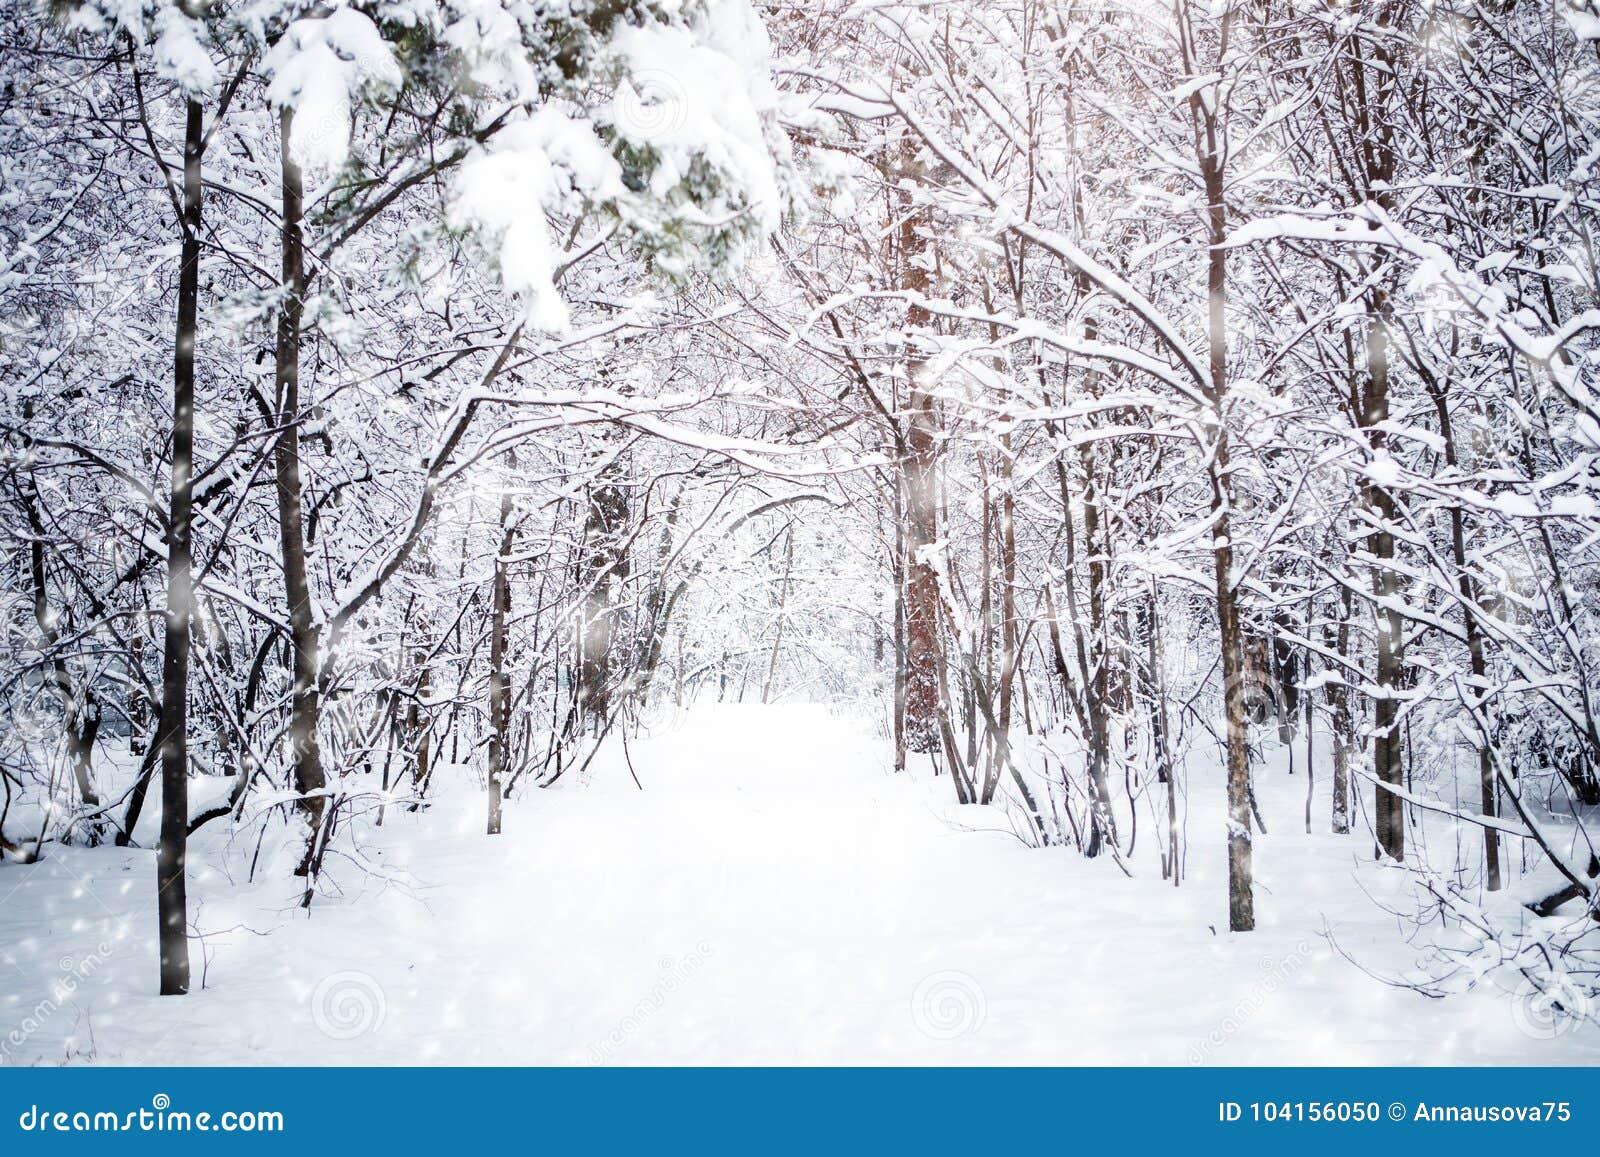 Schone Winterlandschaft Mit Schnee Deckte Baume Ab Gluckliches